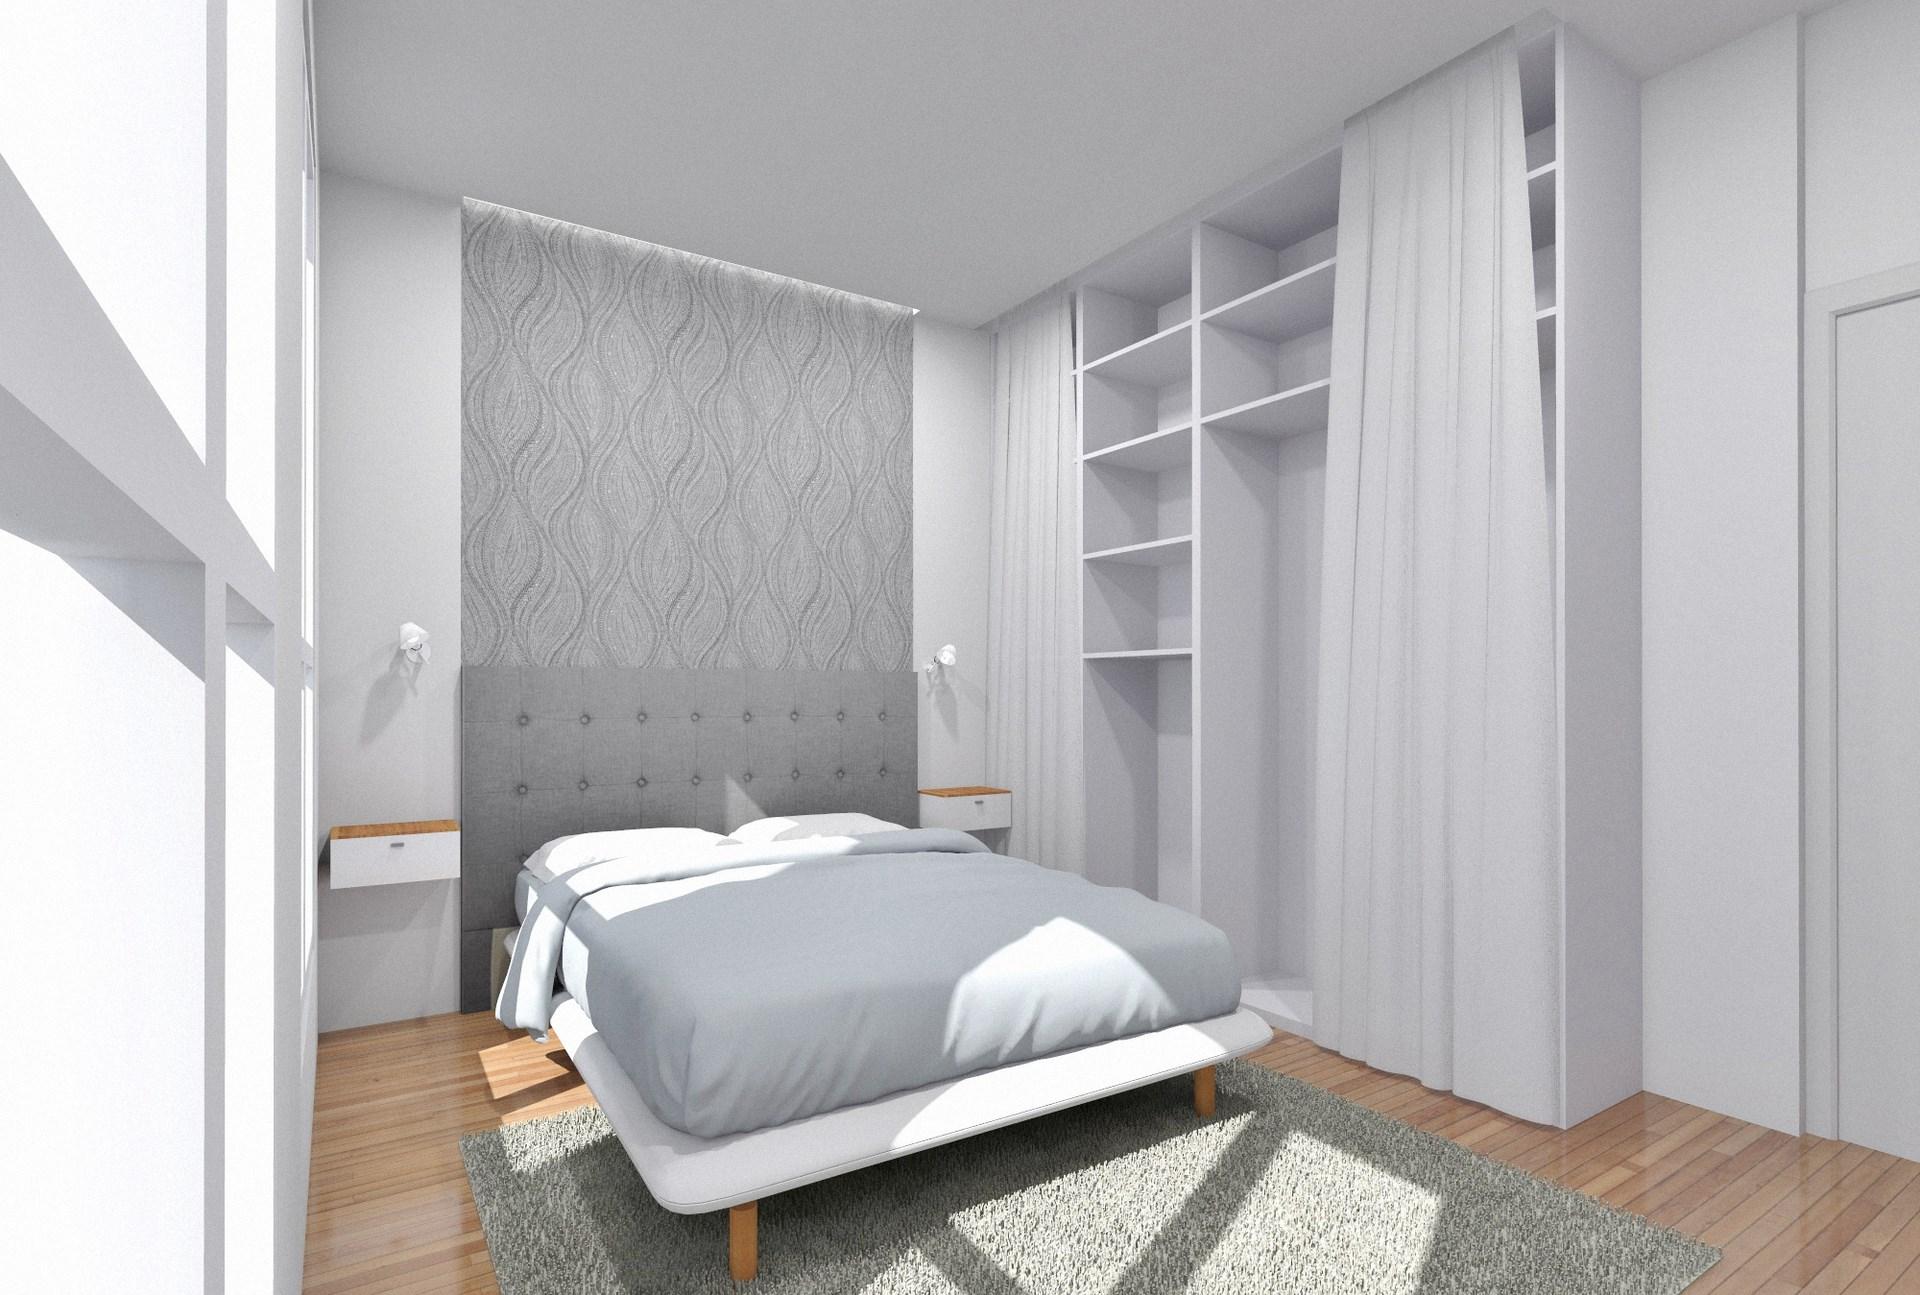 Conception chambre sans bruit sans onde appartement r publique paris 11 me for Conception chambre